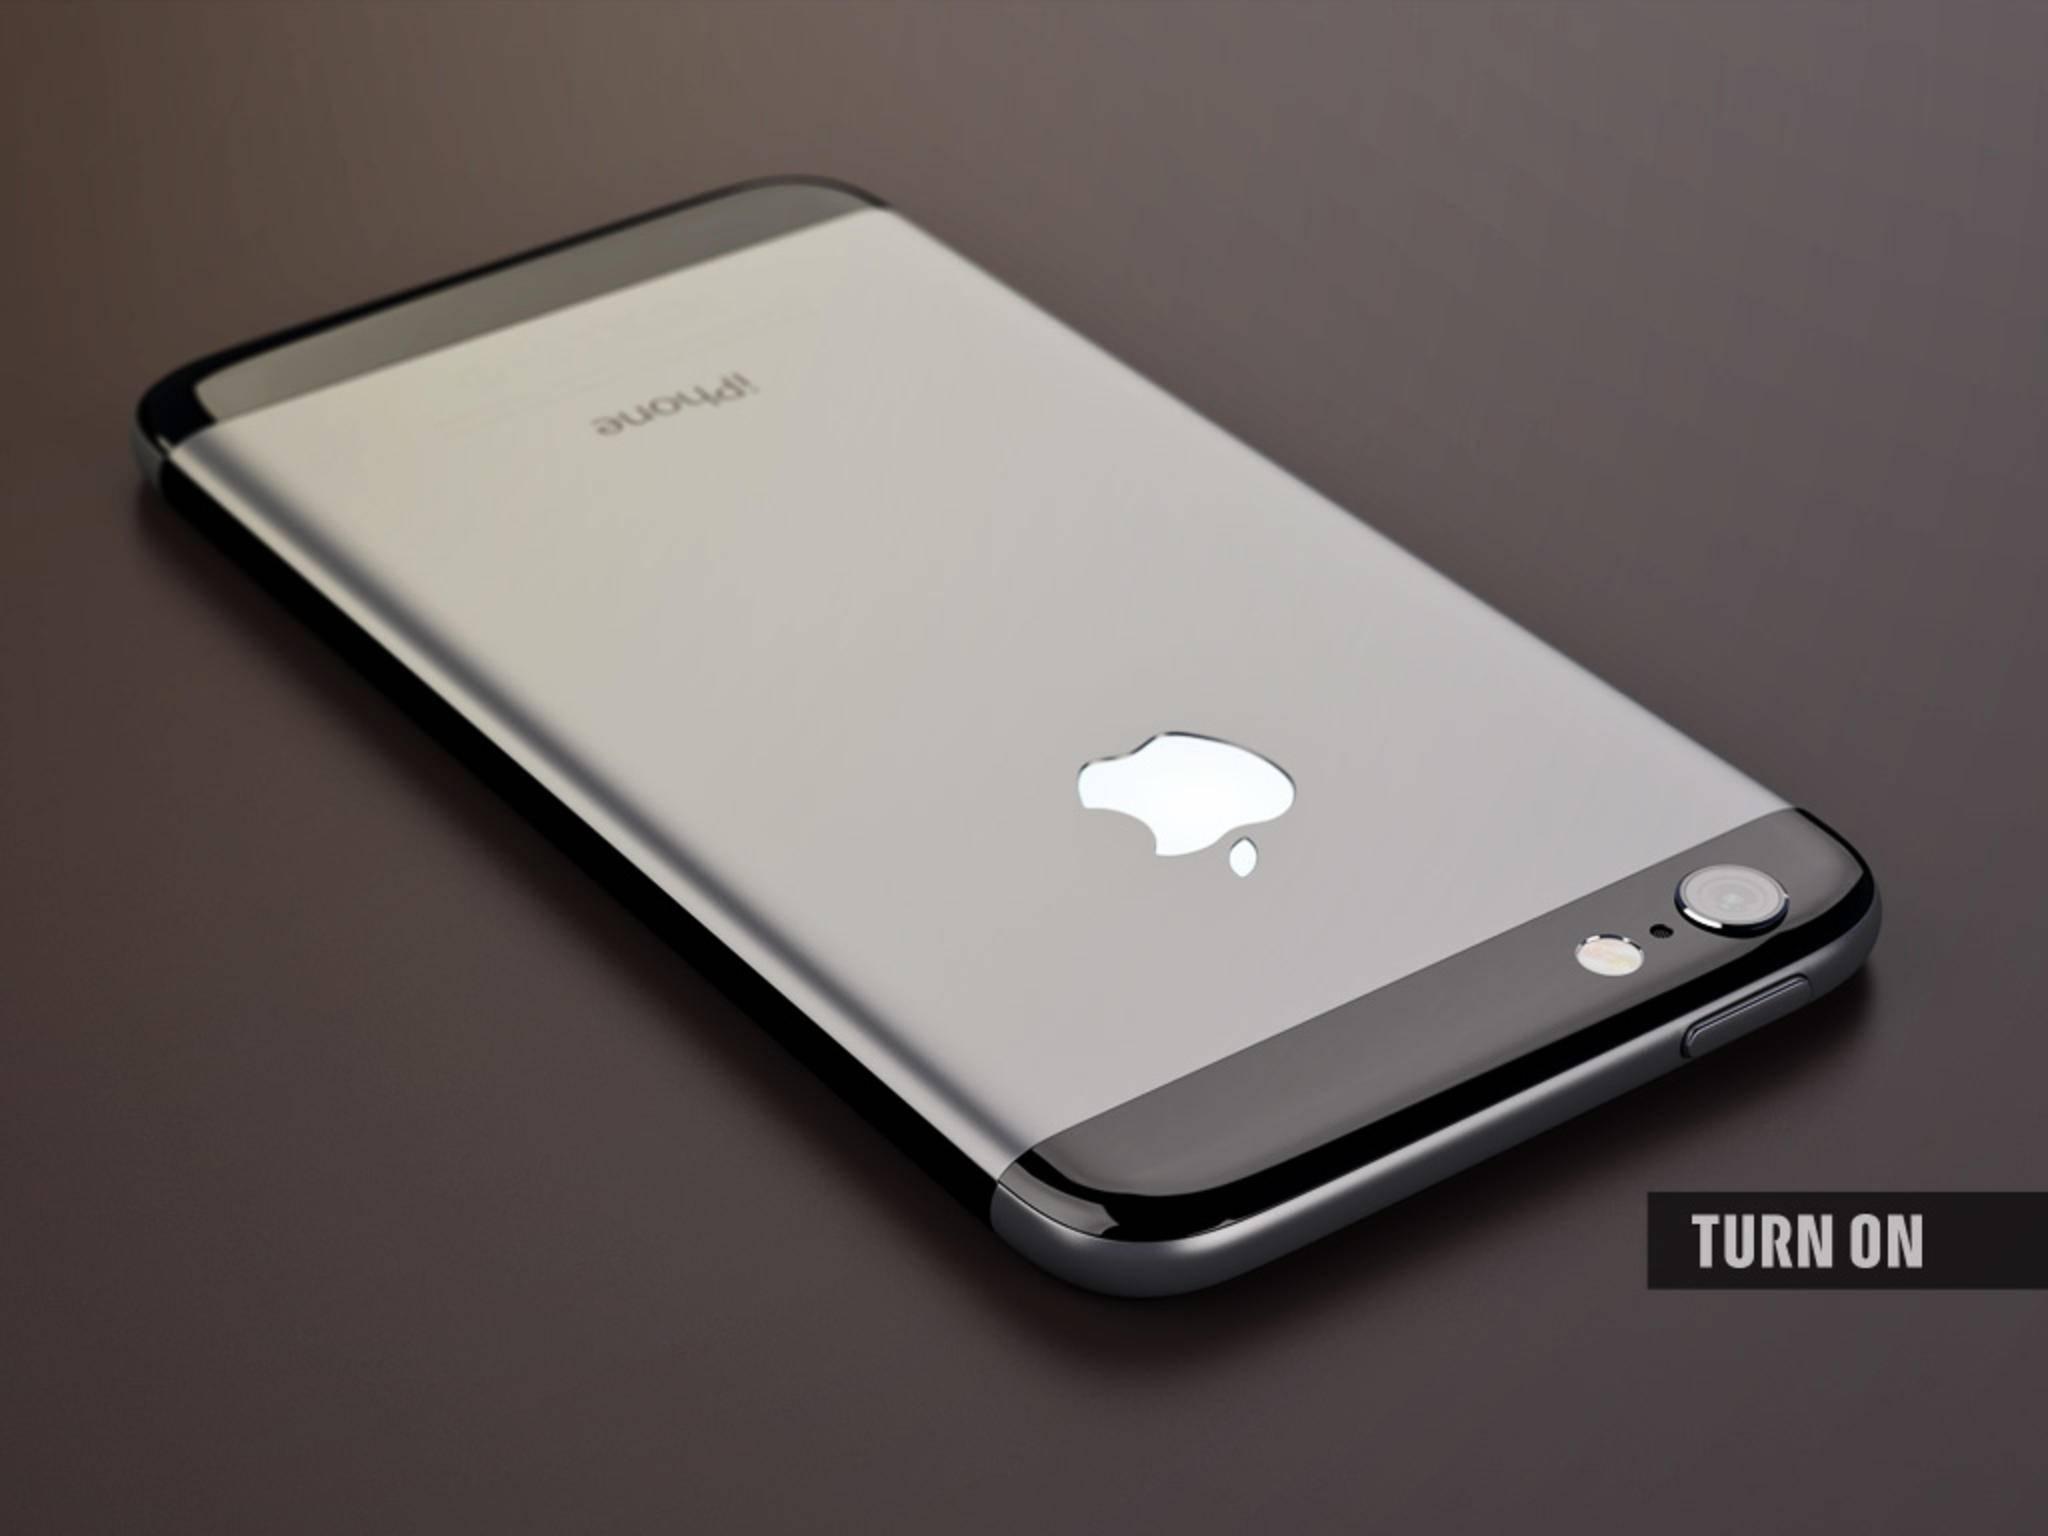 Setzt Apple beim iPhone 7 auf eine bessere elektromagnetische Abschirmung?